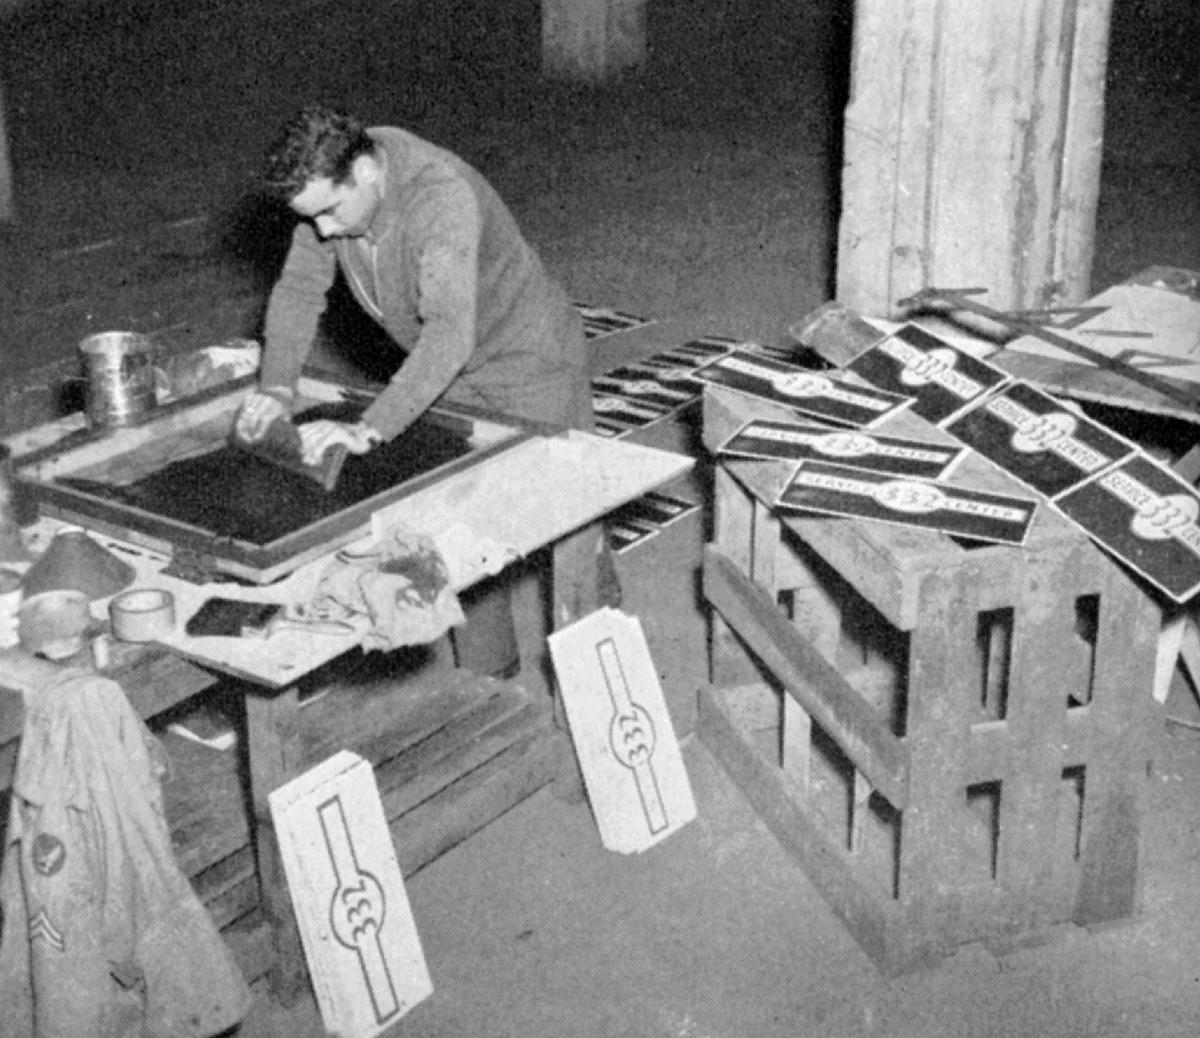 Sérigraphie en 1945 - base de l'US Army dans le sud de la France